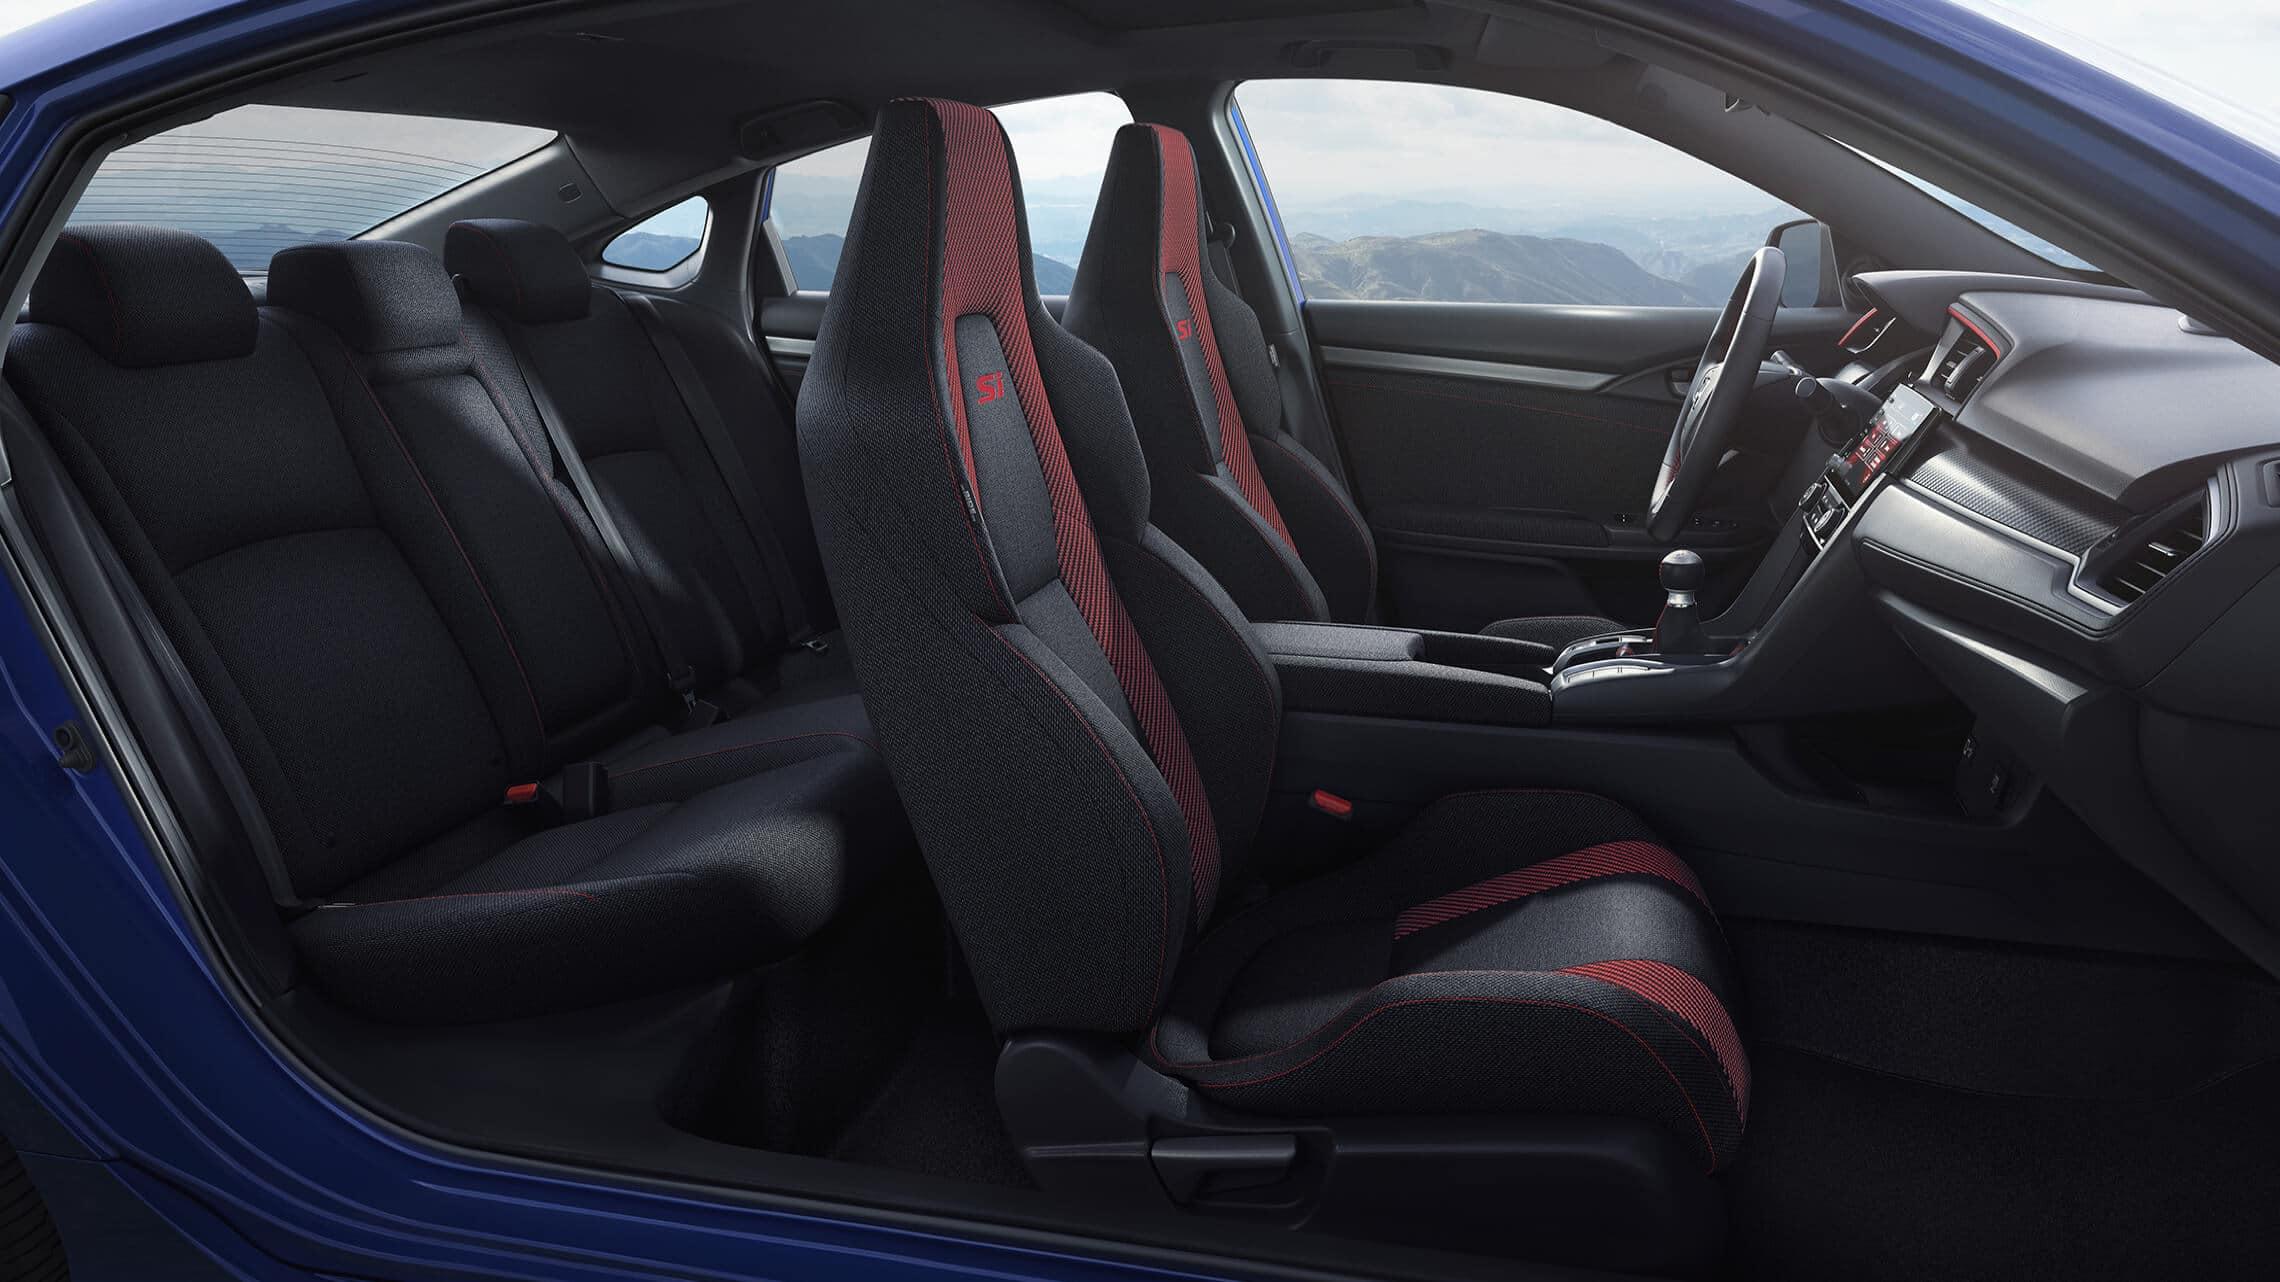 Vista del interior desde el lado del pasajero de los asientos delanteros en el Honda Civic Si Sedán2020 en Black Cloth.